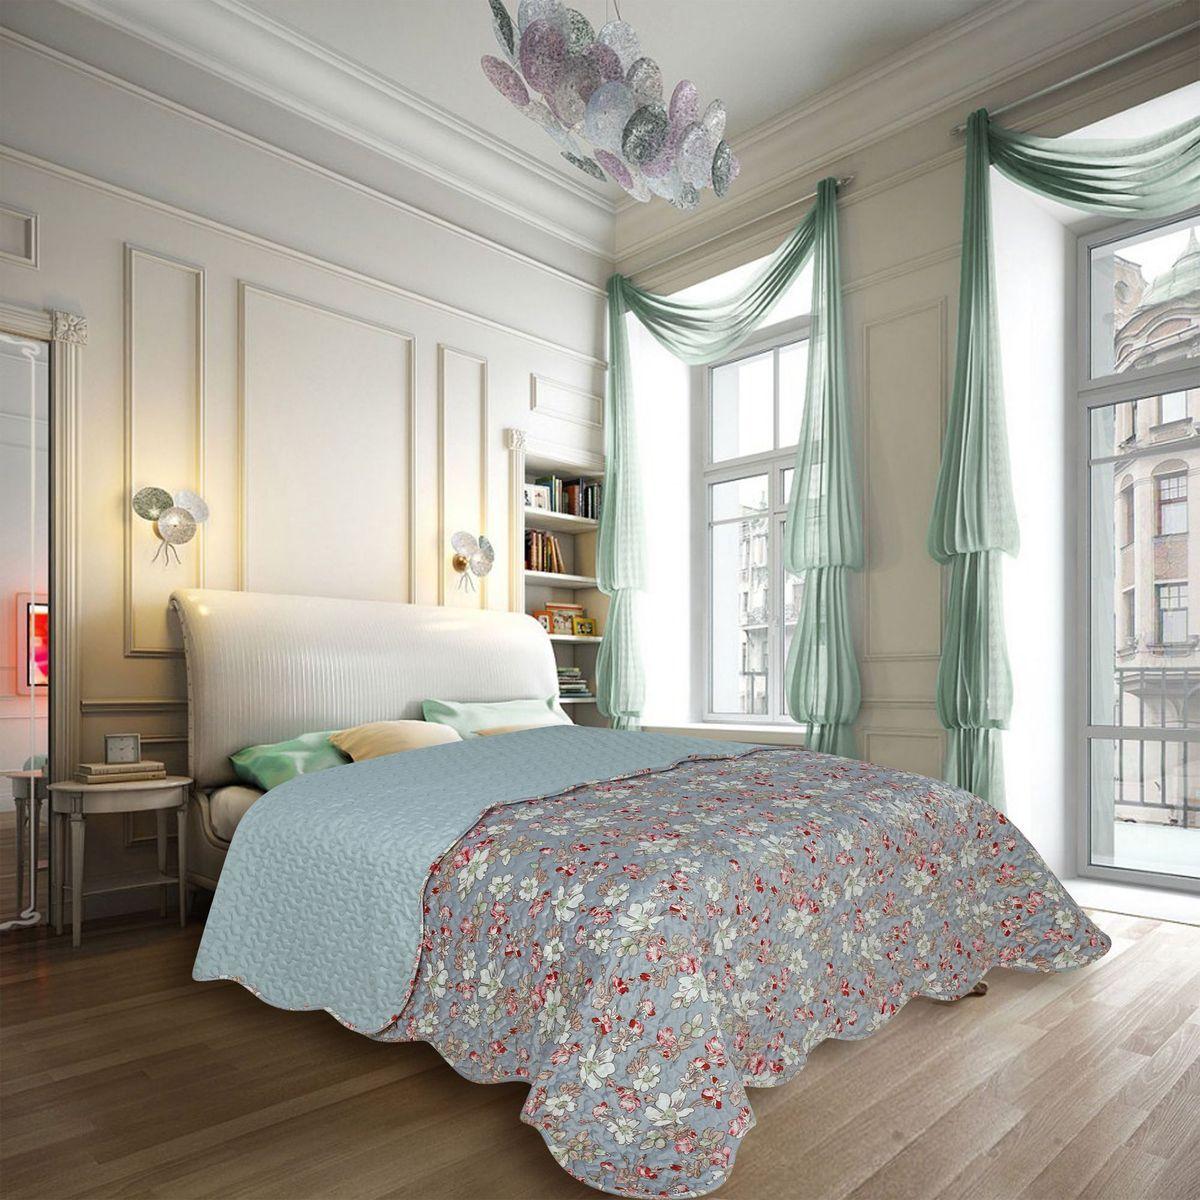 """Покрывало Amore Mio """"Decor"""" выполнено в в элегантном городском стиле, изысканные цветы на фоне тального серого орнамента, украсит любую спальню."""